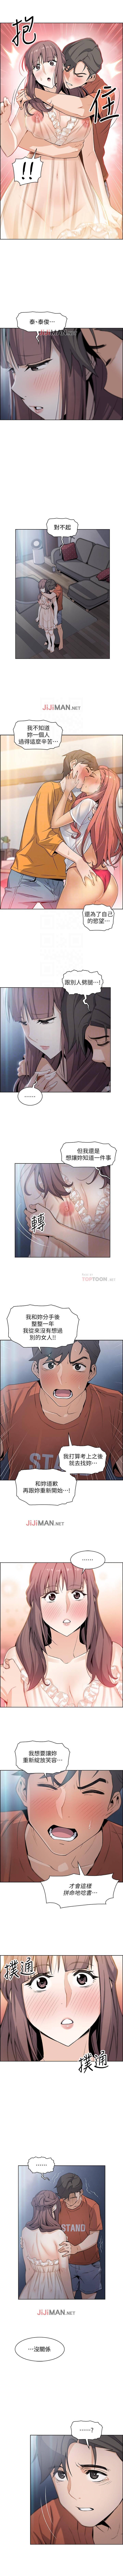 【周四连载】前女友变女佣(作者:PAPER&頸枕) 第1~33话 87